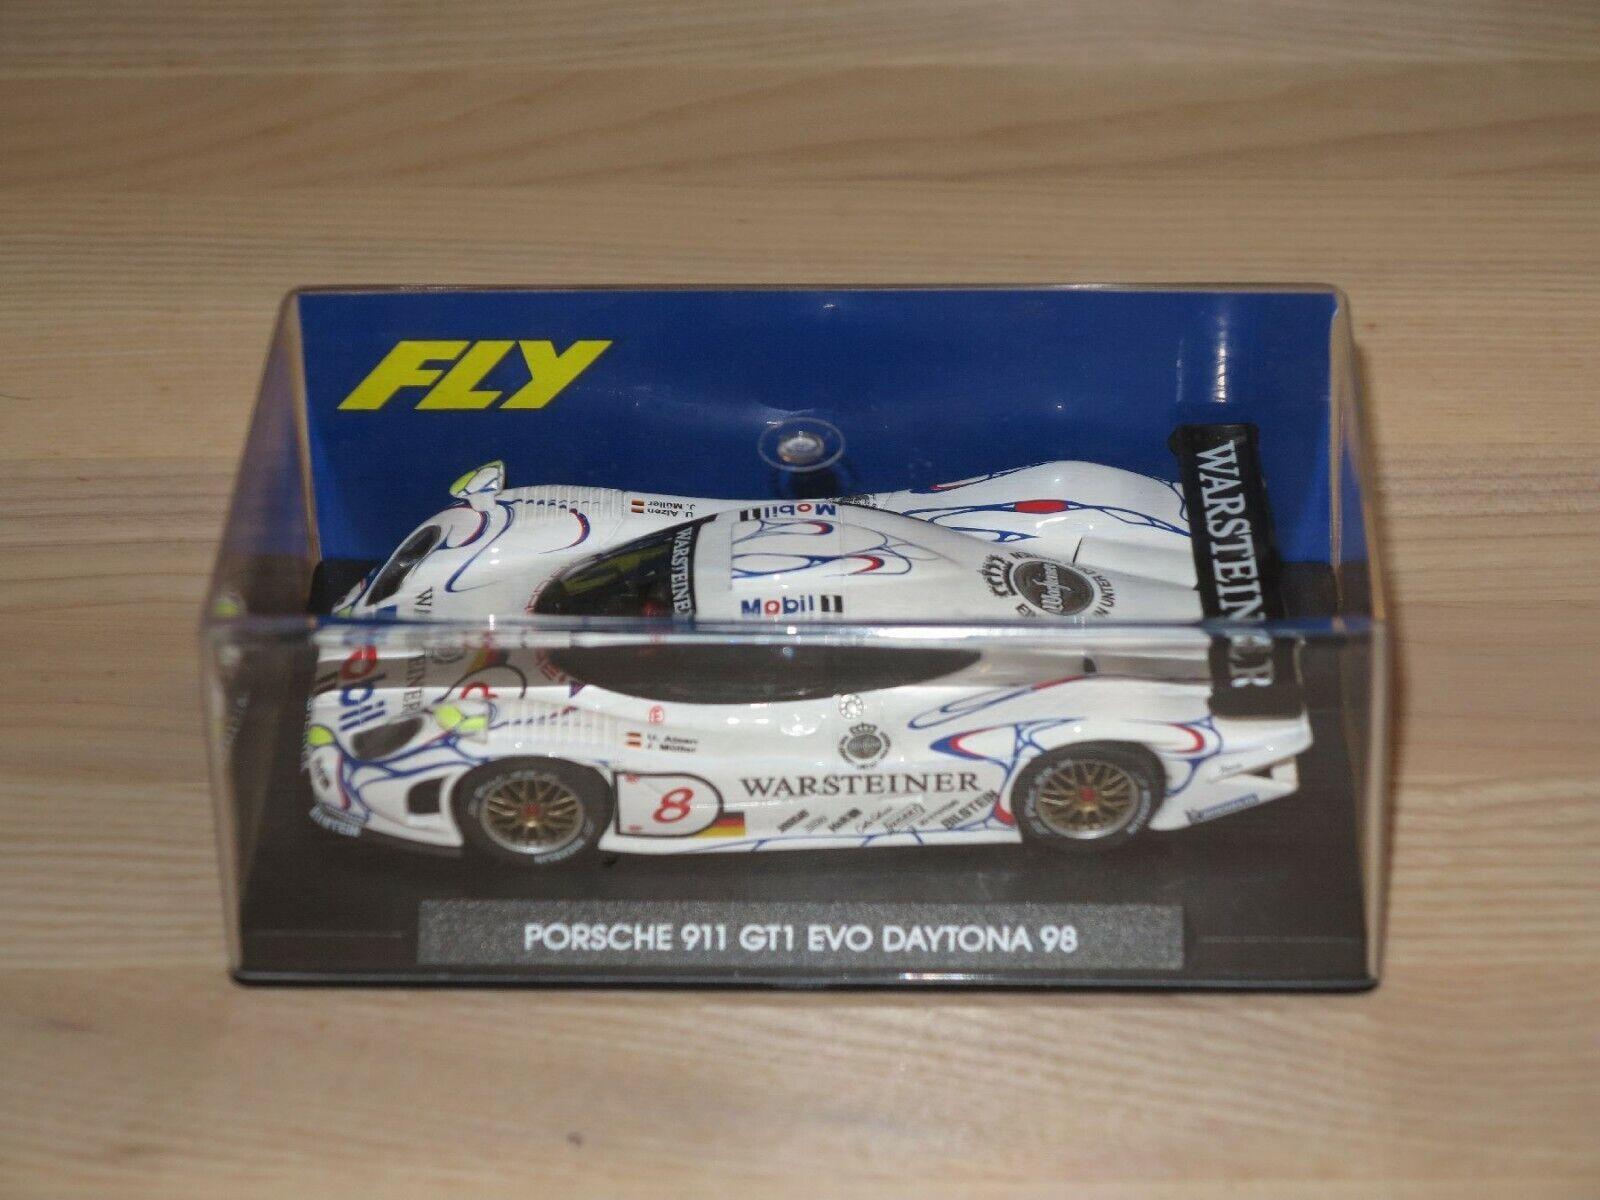 Fly Porsche 911 Gt1 Evo Daytona 98 1 3 2 Slotcar